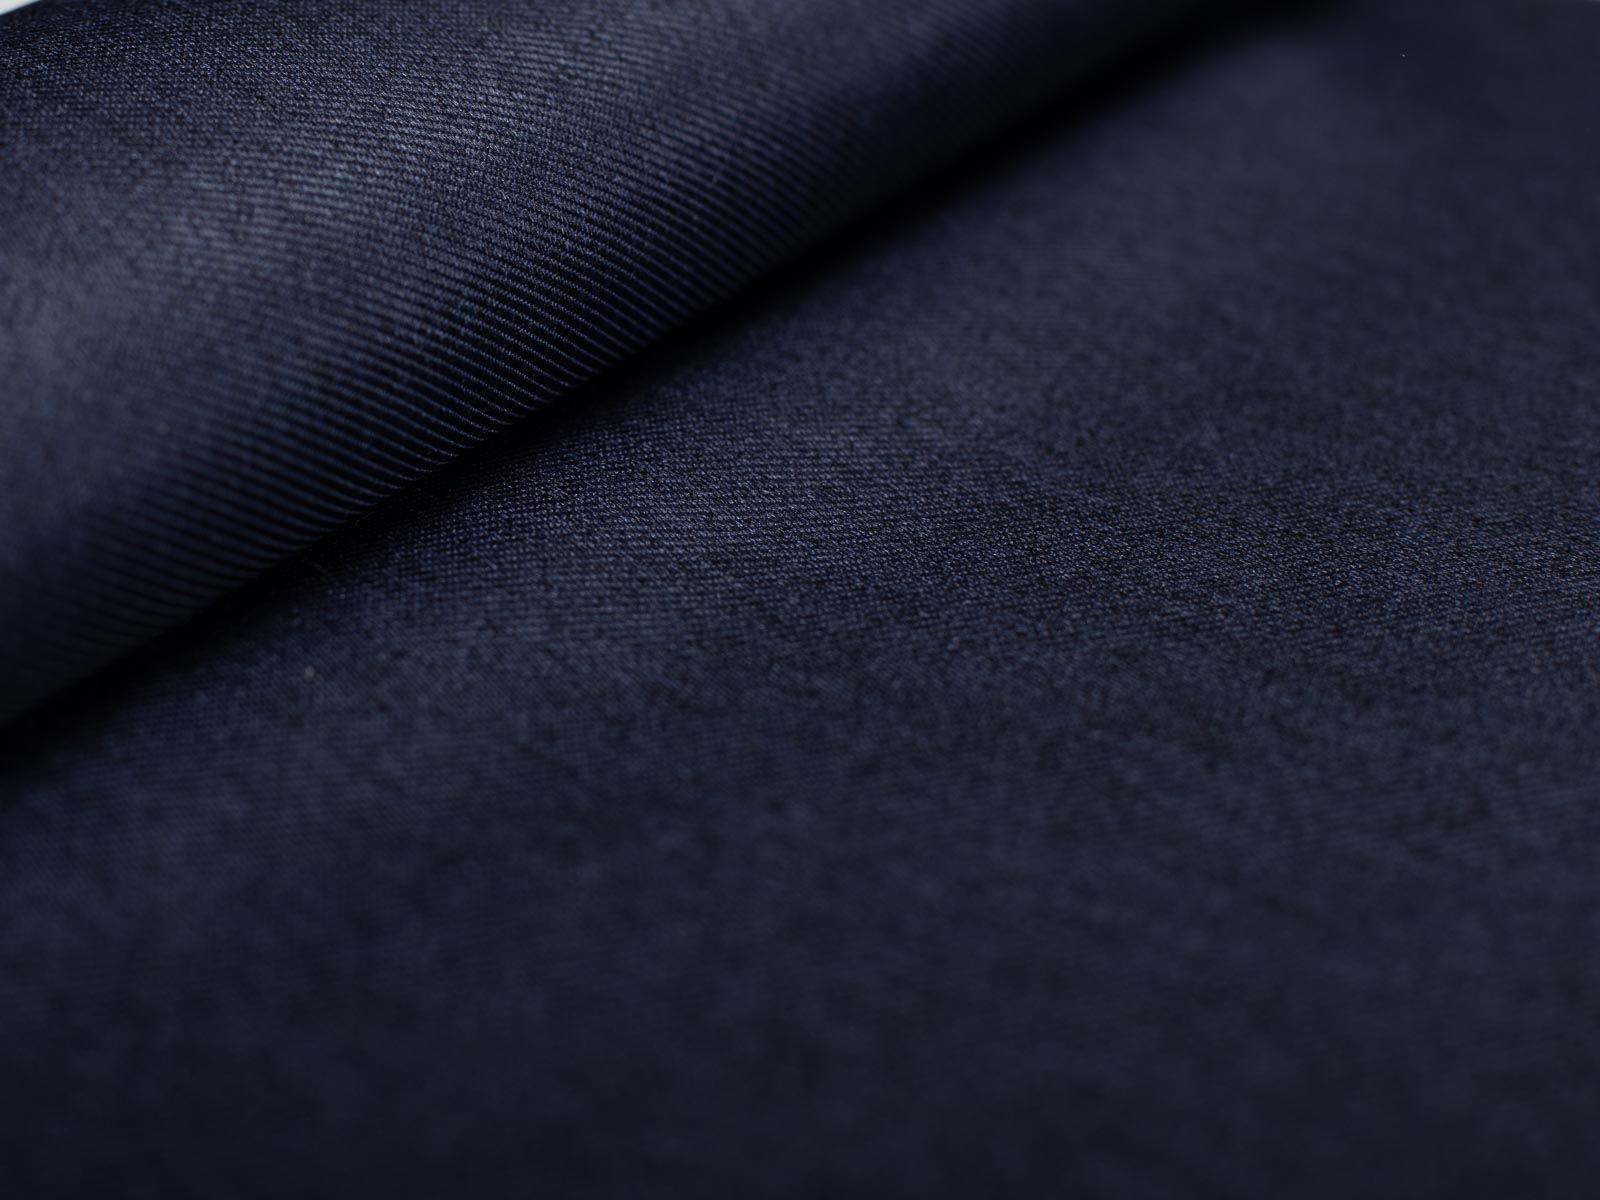 Wau-Donut Jeans Like Marine Blue